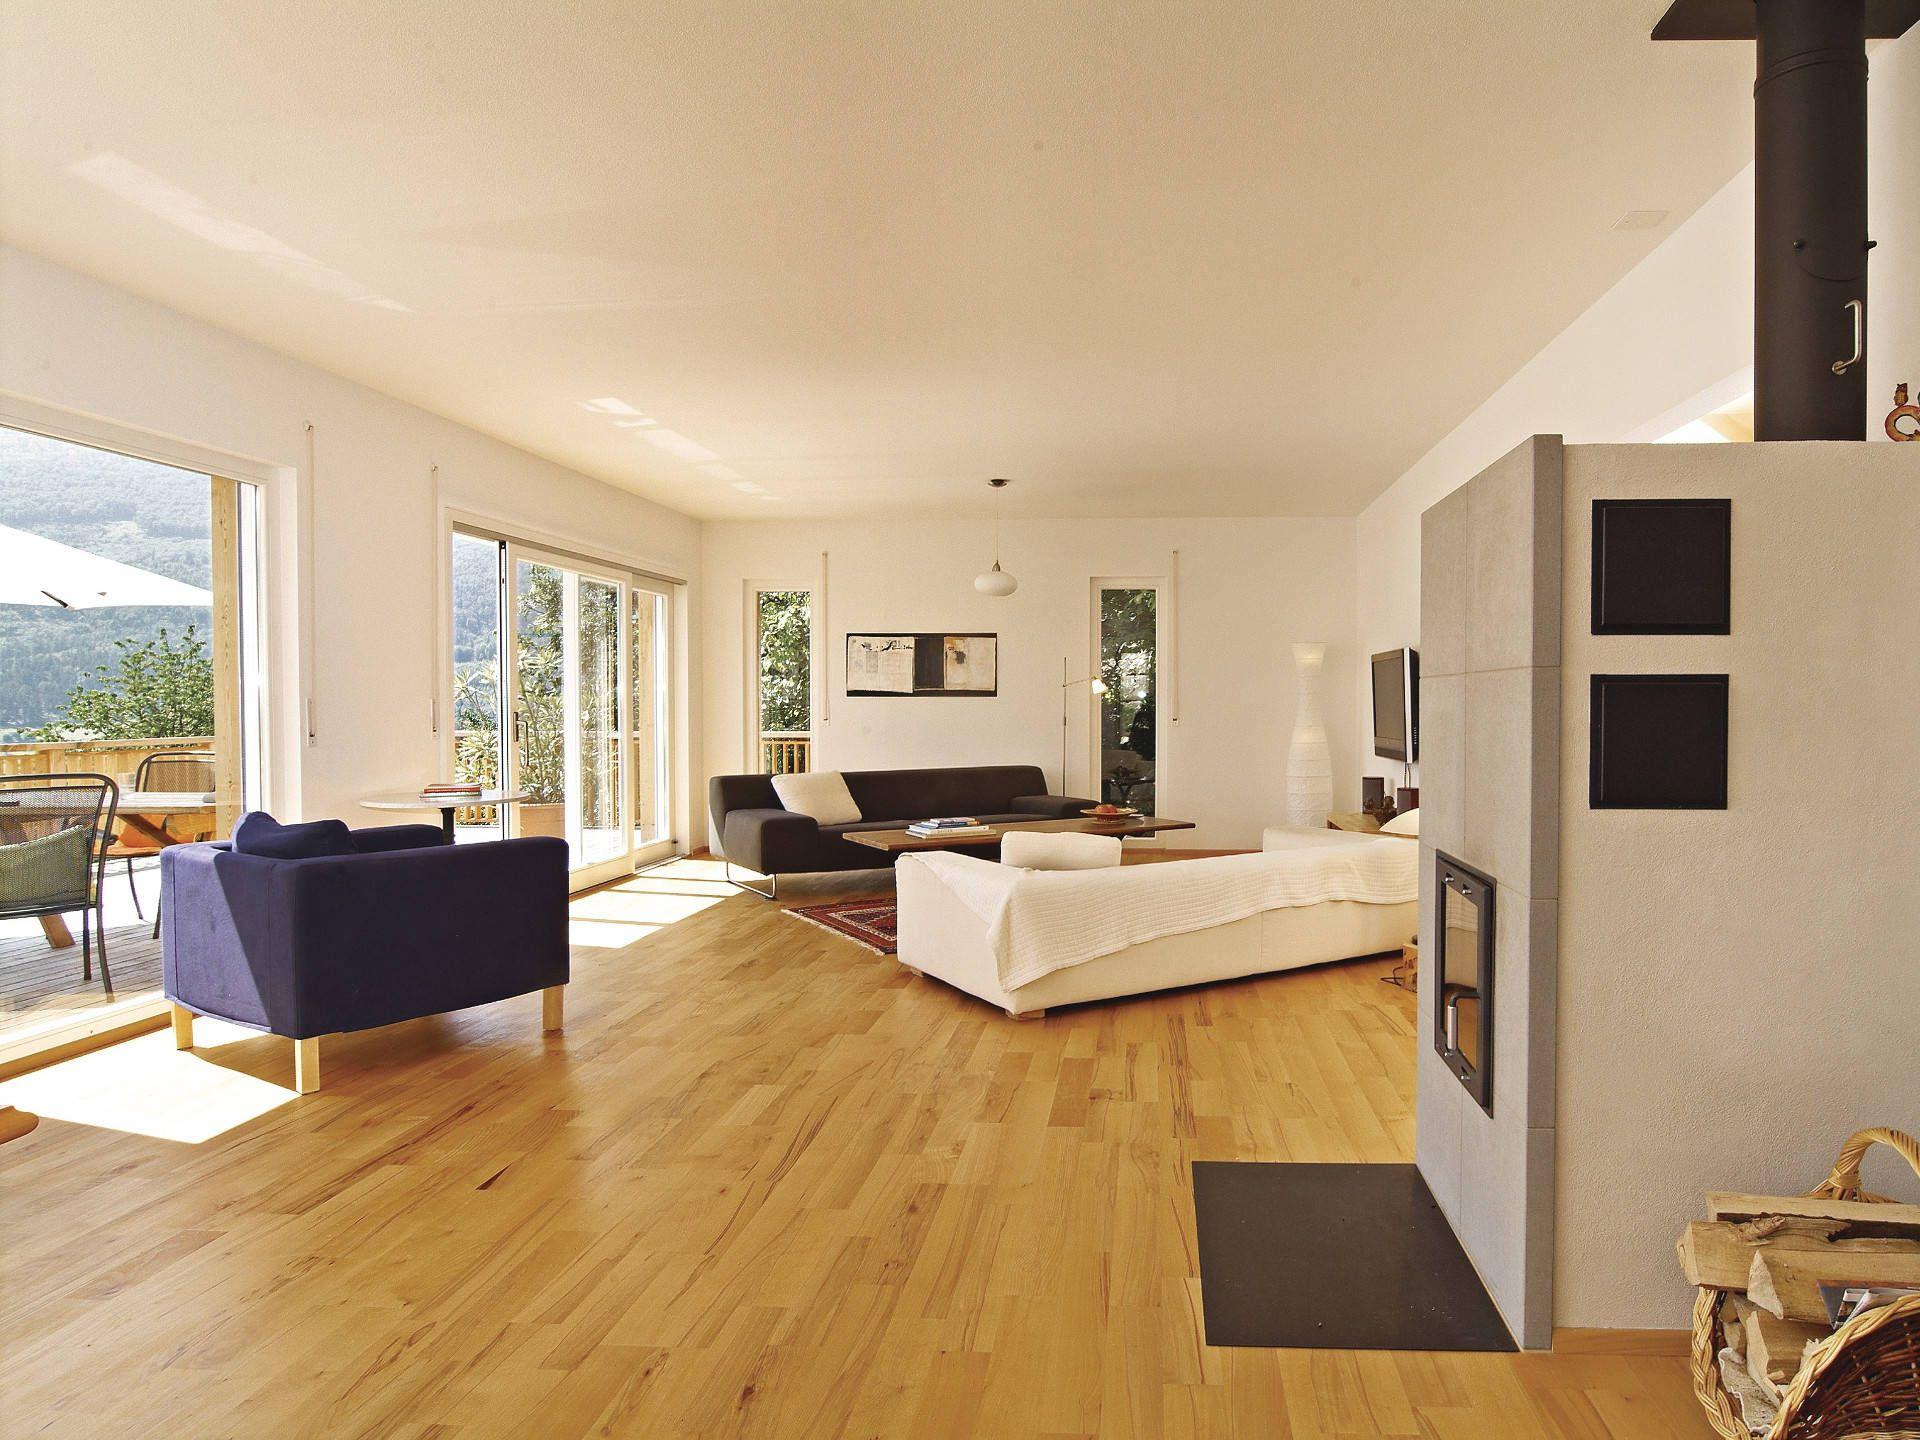 Musterhaus inneneinrichtung wohnzimmer  16 besten Kamin Bilder auf Pinterest | Sammeln, Kamine und Kaminofen